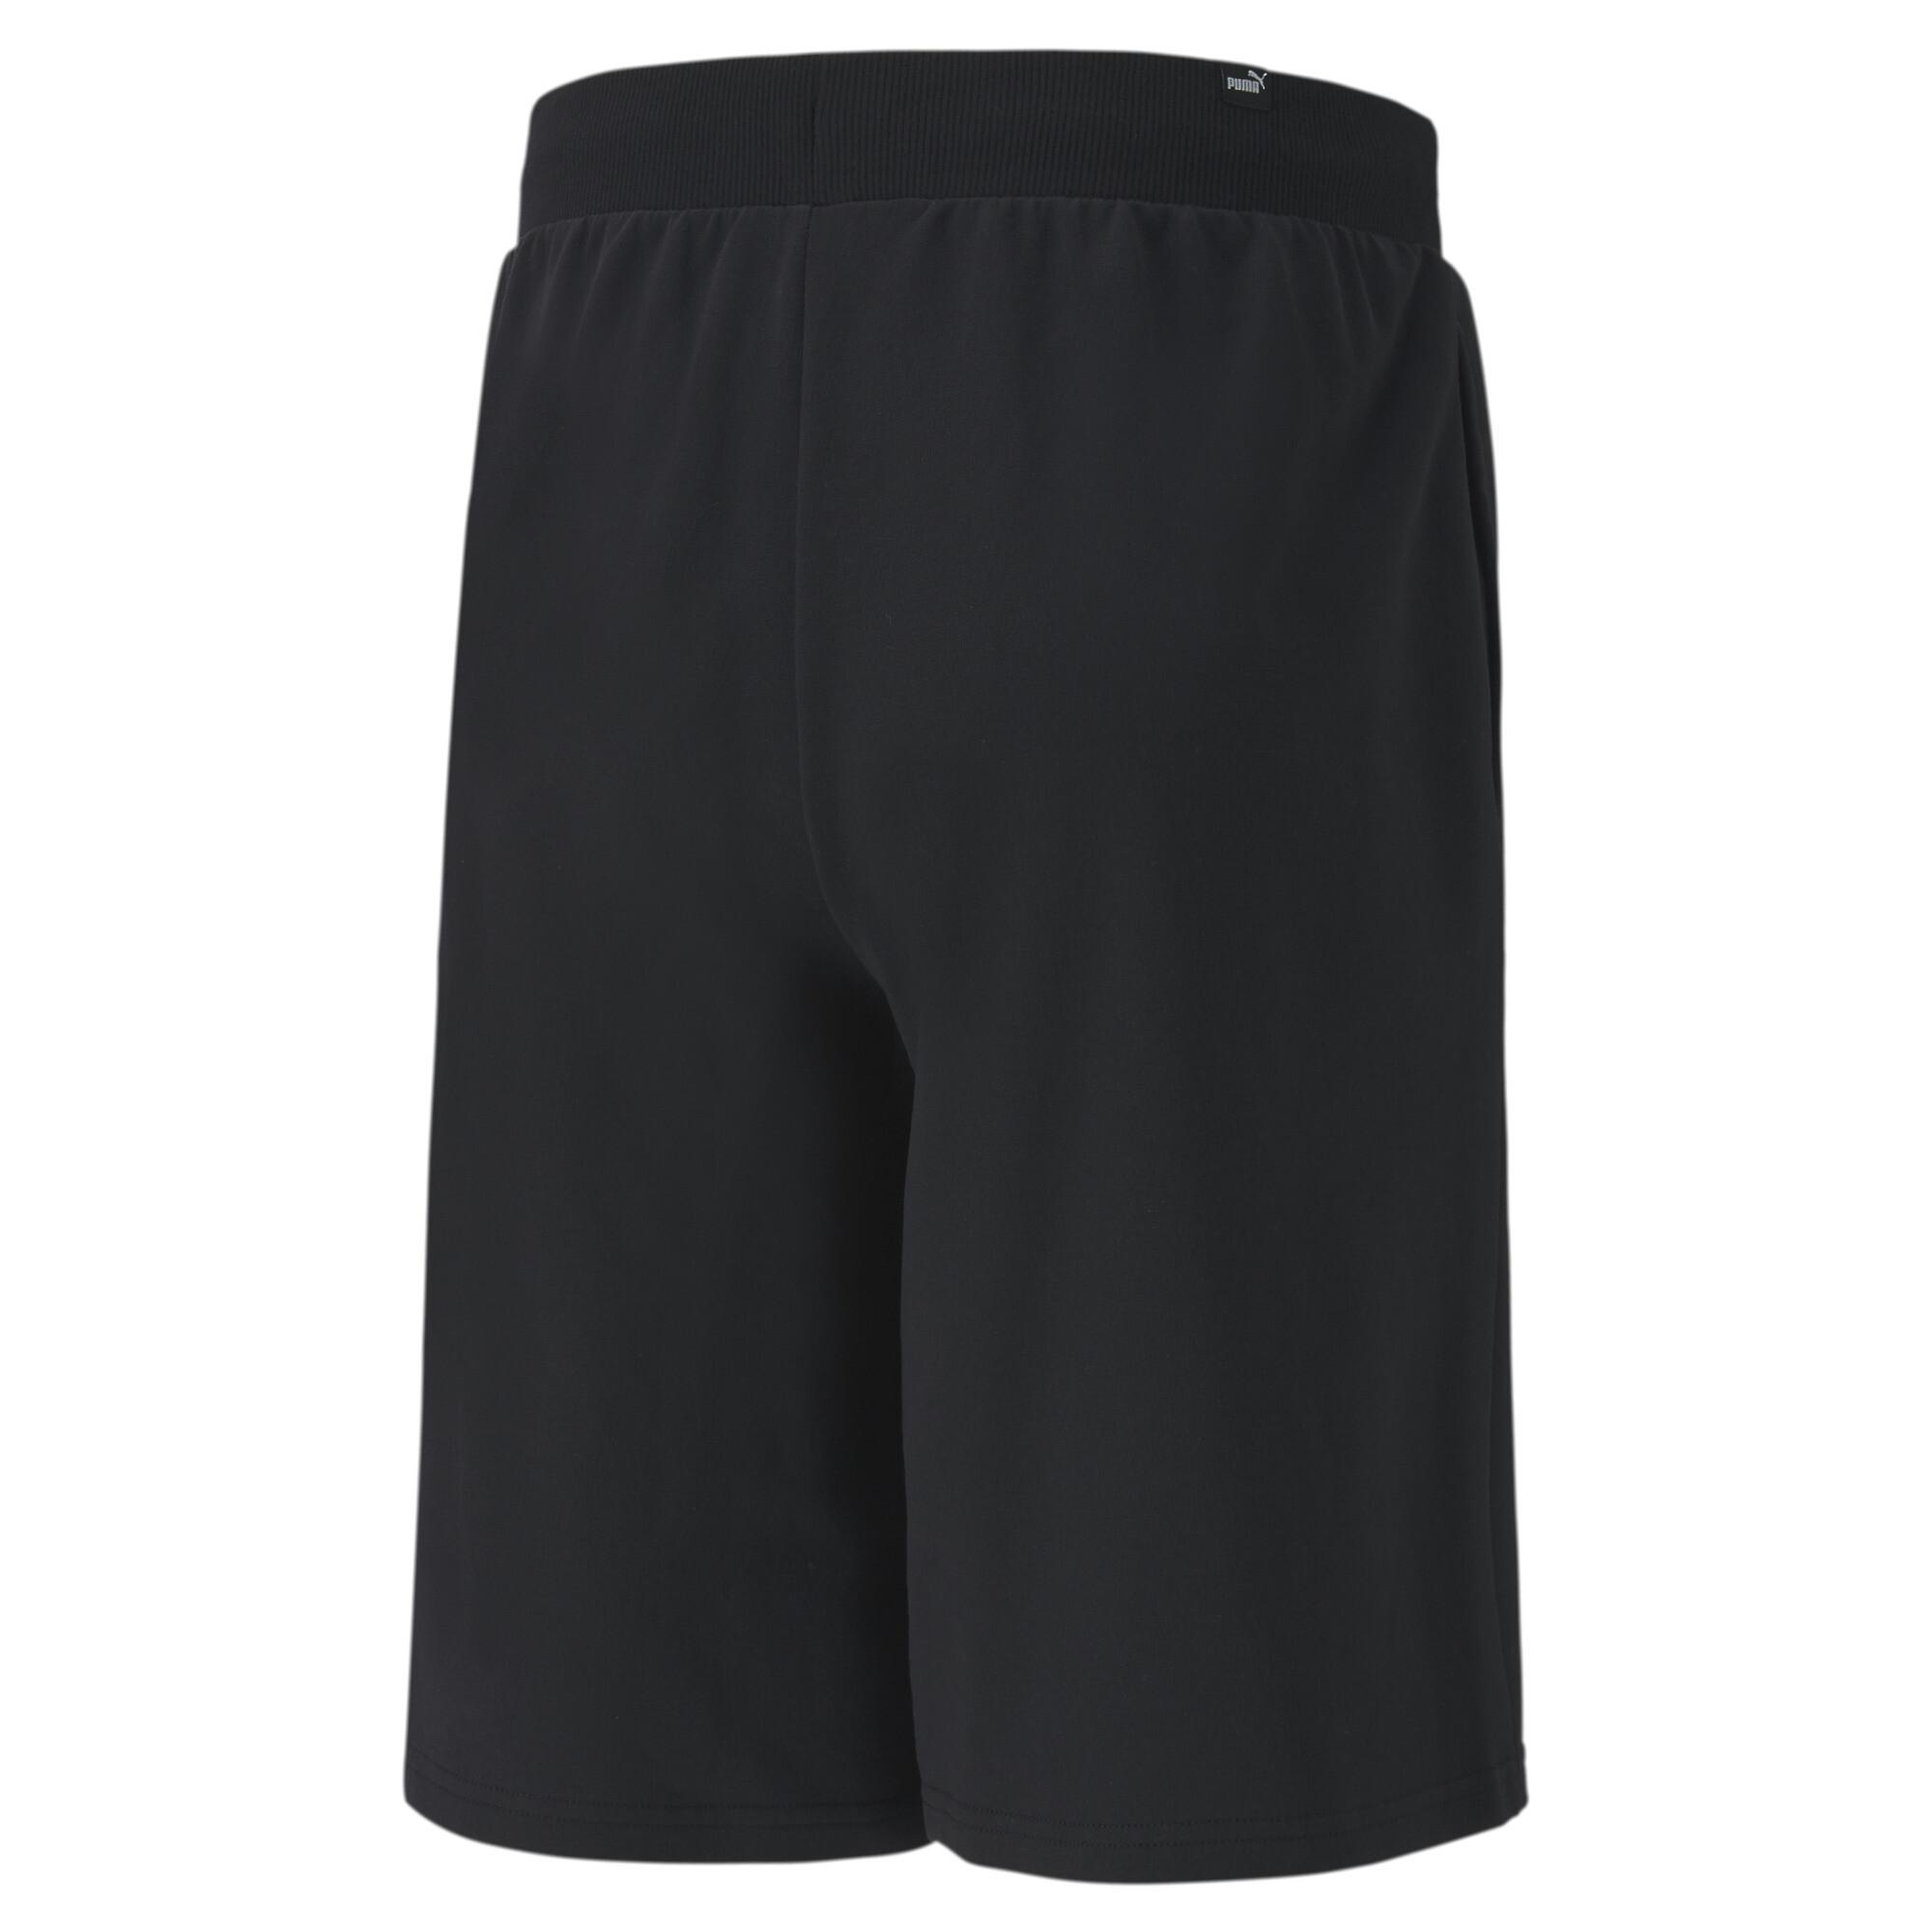 PUMA-Celebration-Men-039-s-Shorts-Men-Knitted-Shorts-Basics thumbnail 3